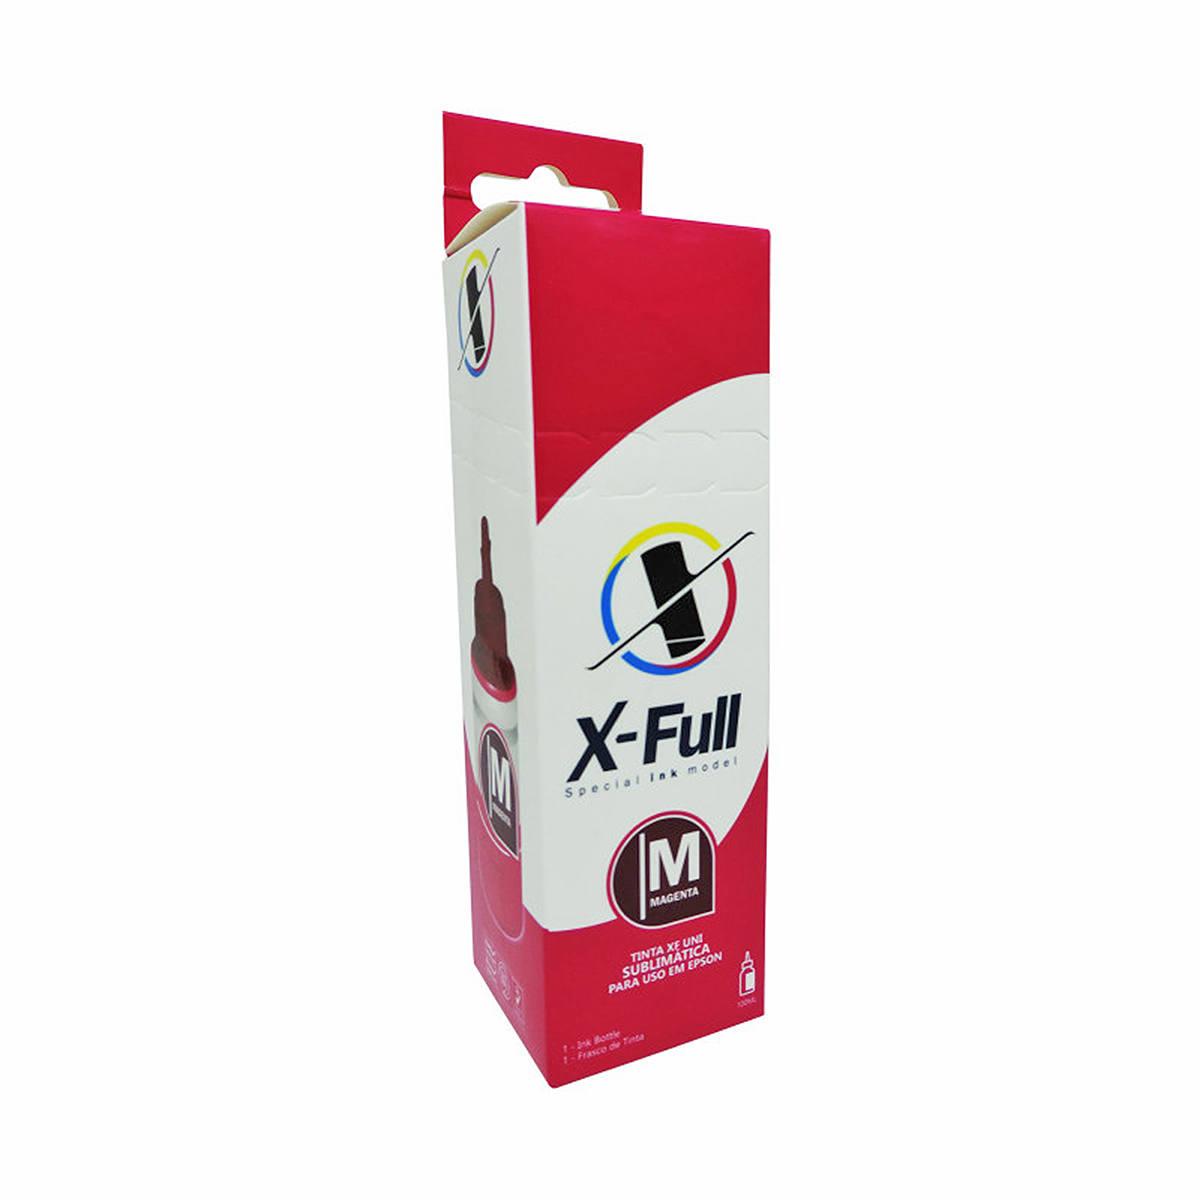 Tinta Sublimática X-Full para uso em todas as Impressoras Epson L Series 664 / Magenta / Refil 100ml